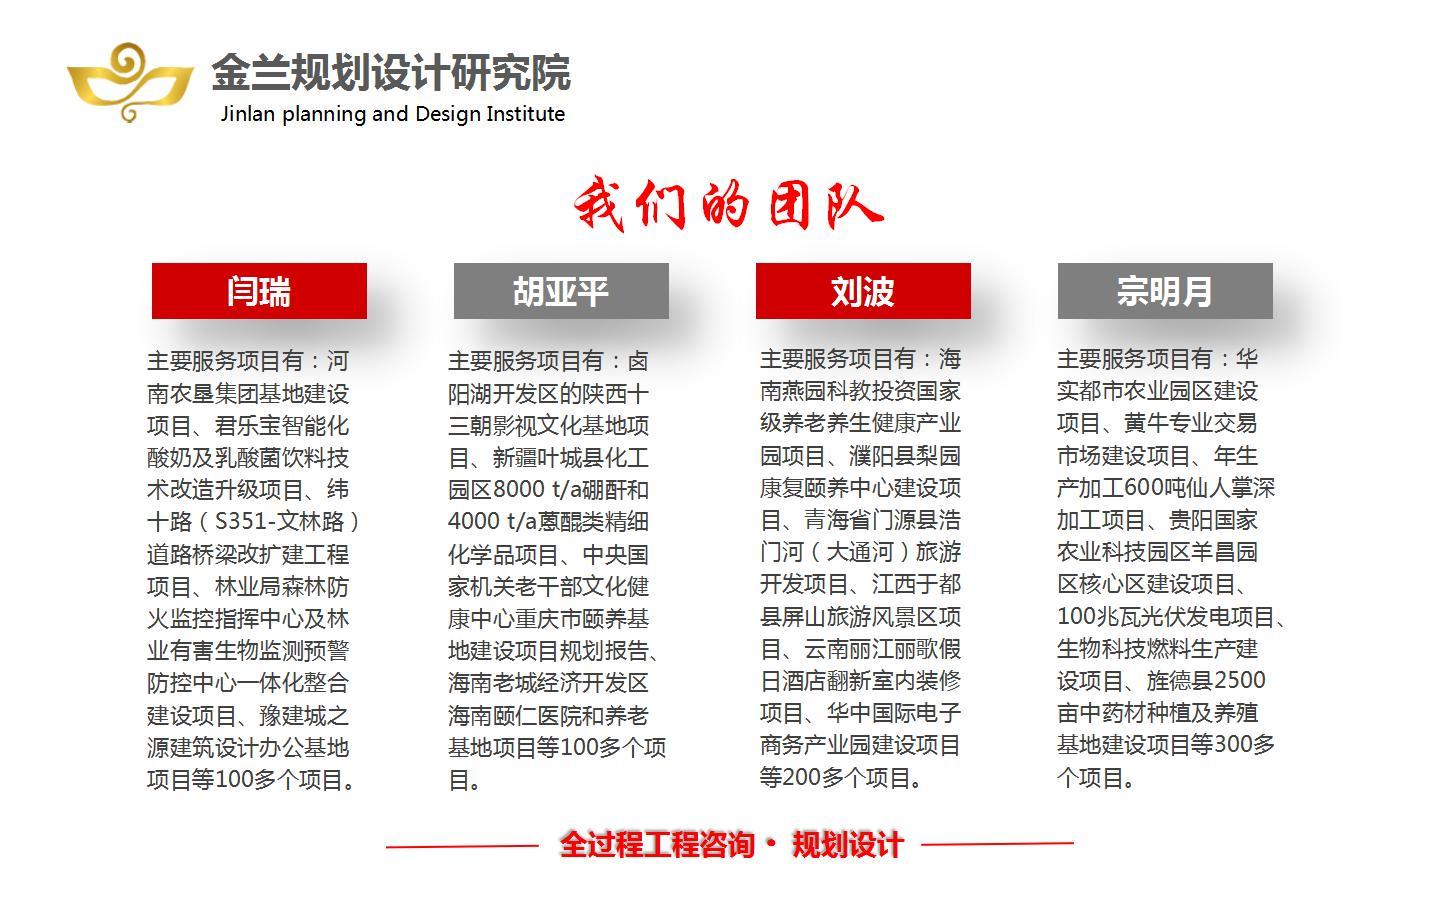 #兴义项目申请报告公司#兴义项目申请报告制作标准